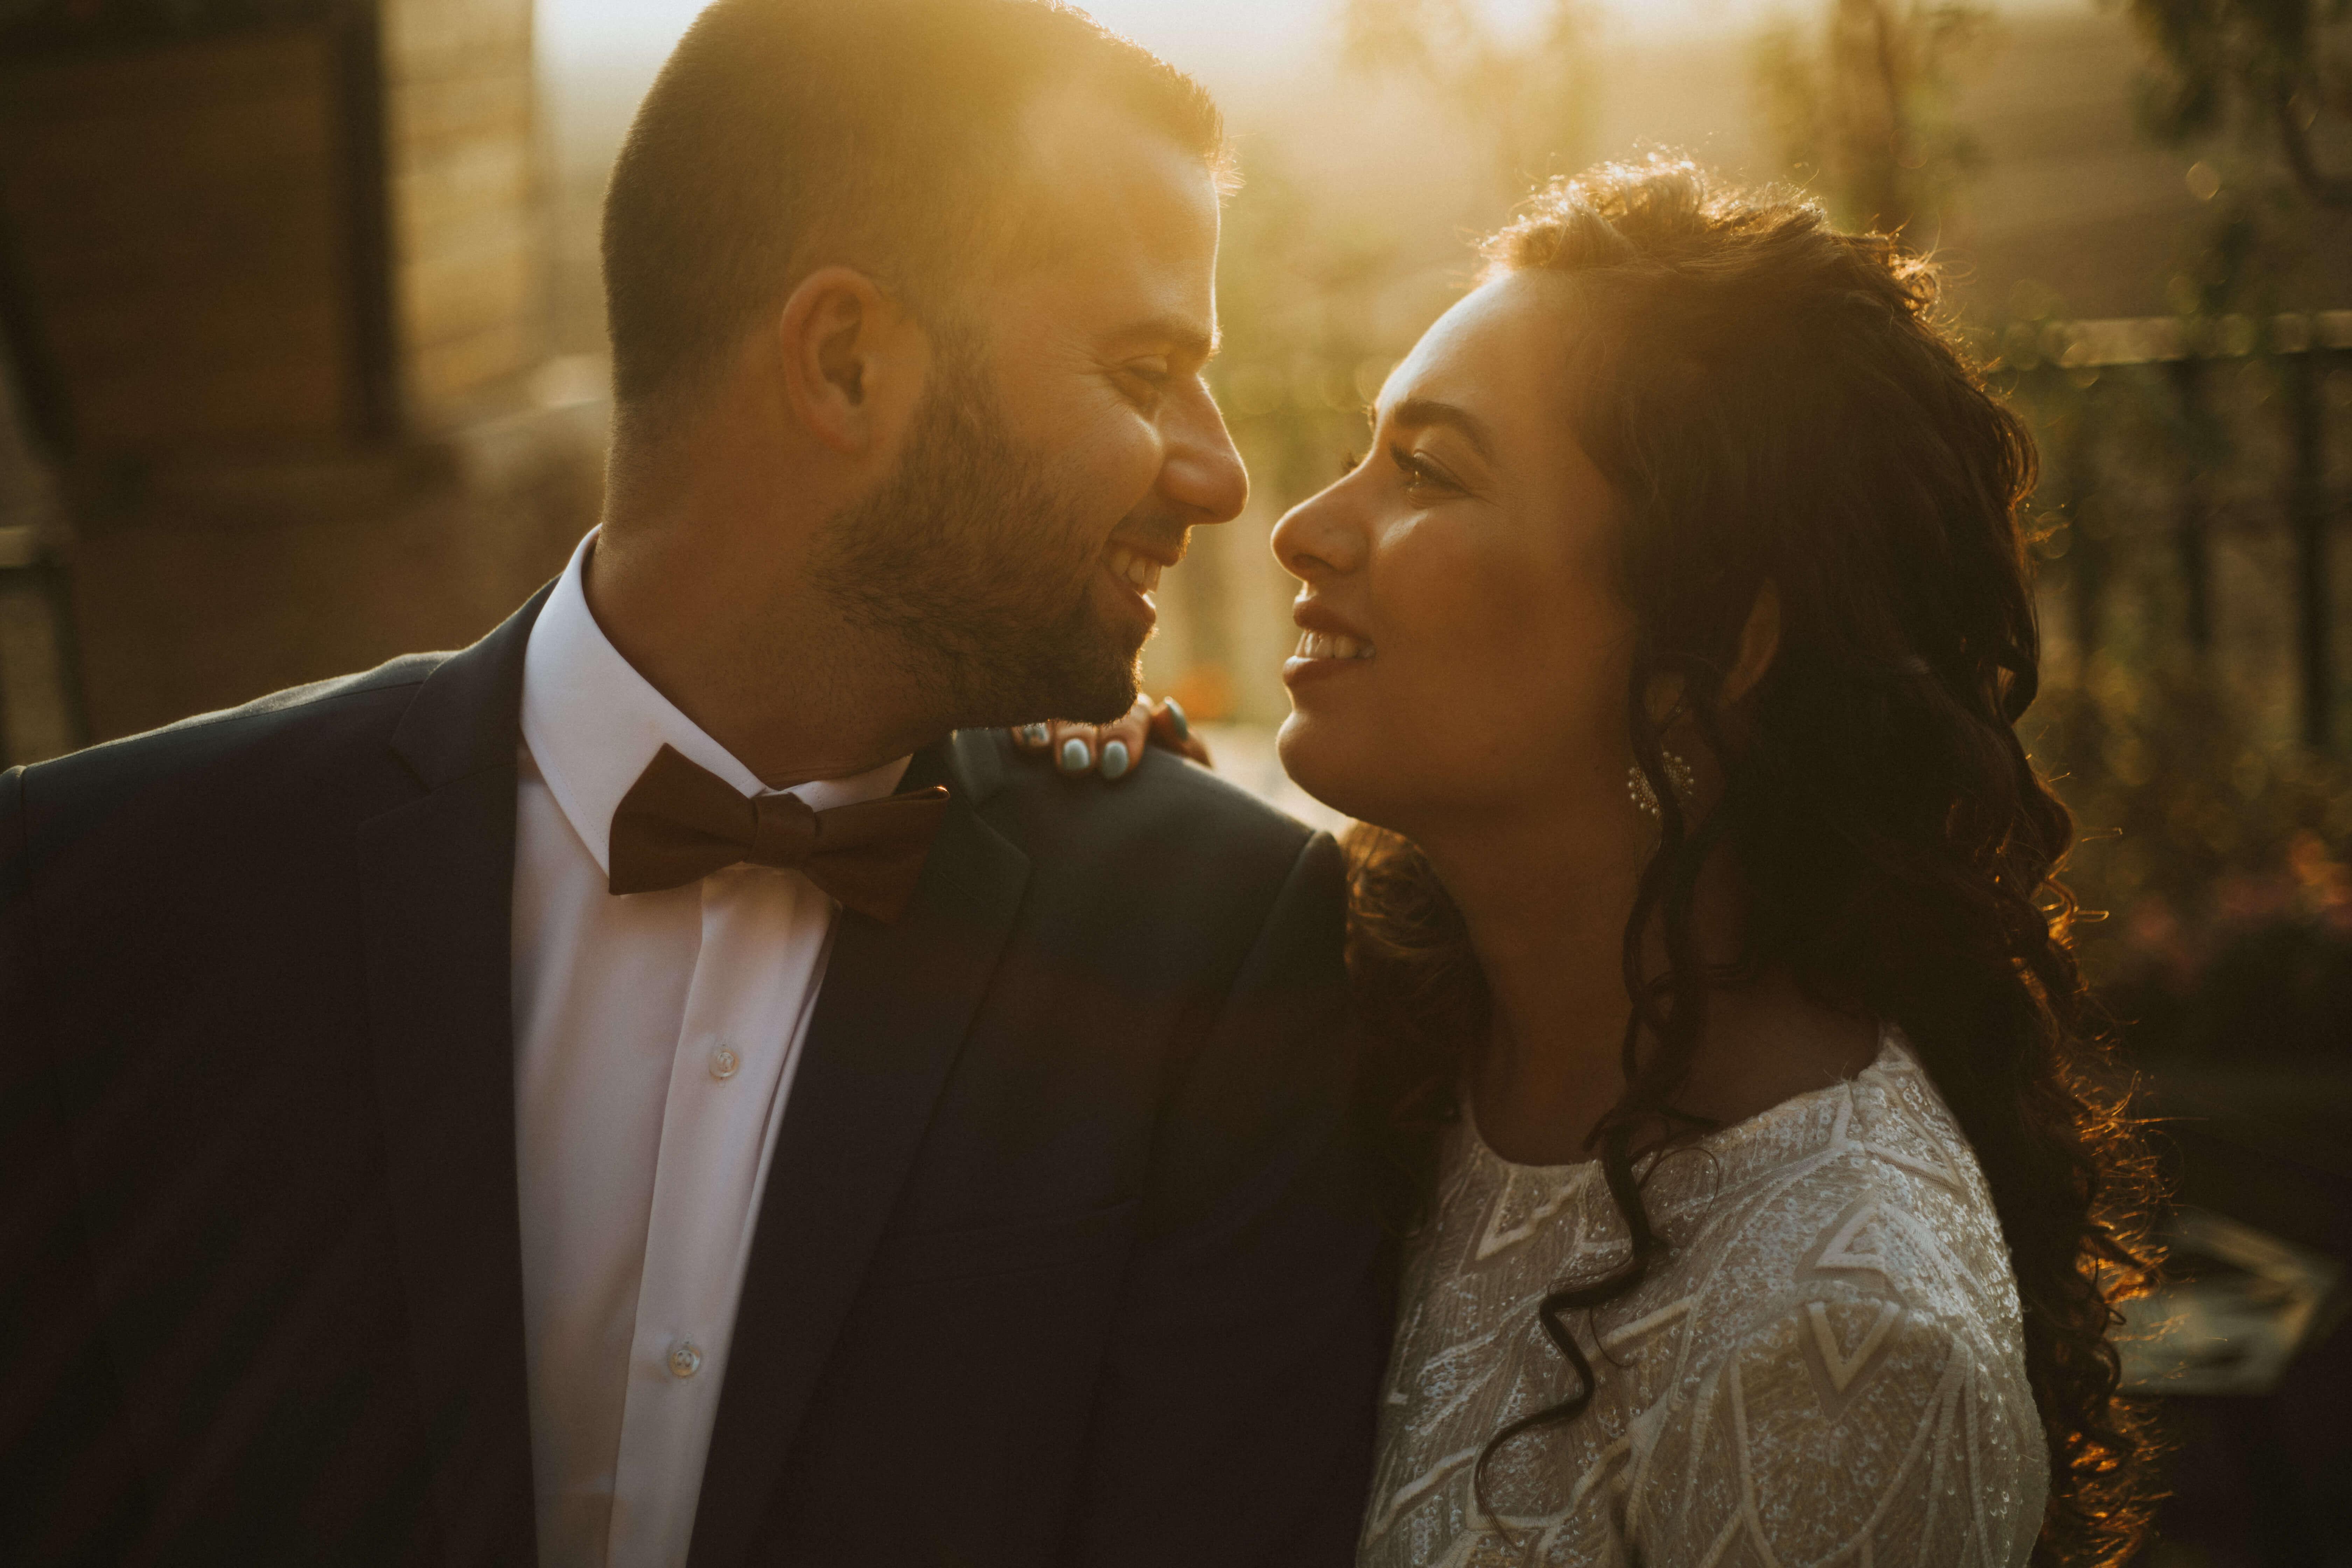 איך להפוך את יום החתונה לרגוע יותר?